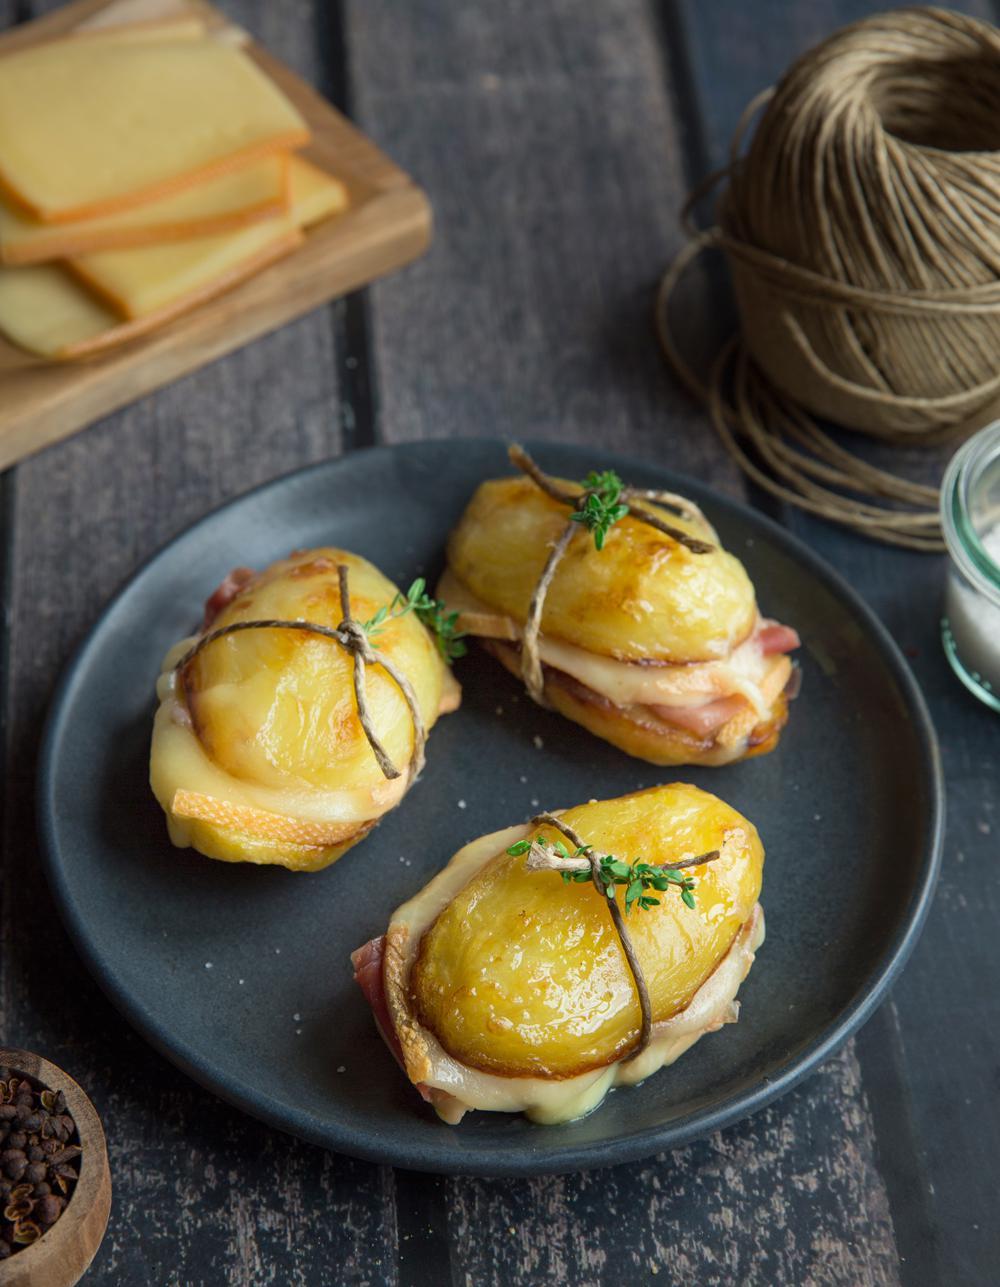 Sandwich de pommes de terre et raclette pour 6 personnes for Idee plat convivial pour 10 personnes